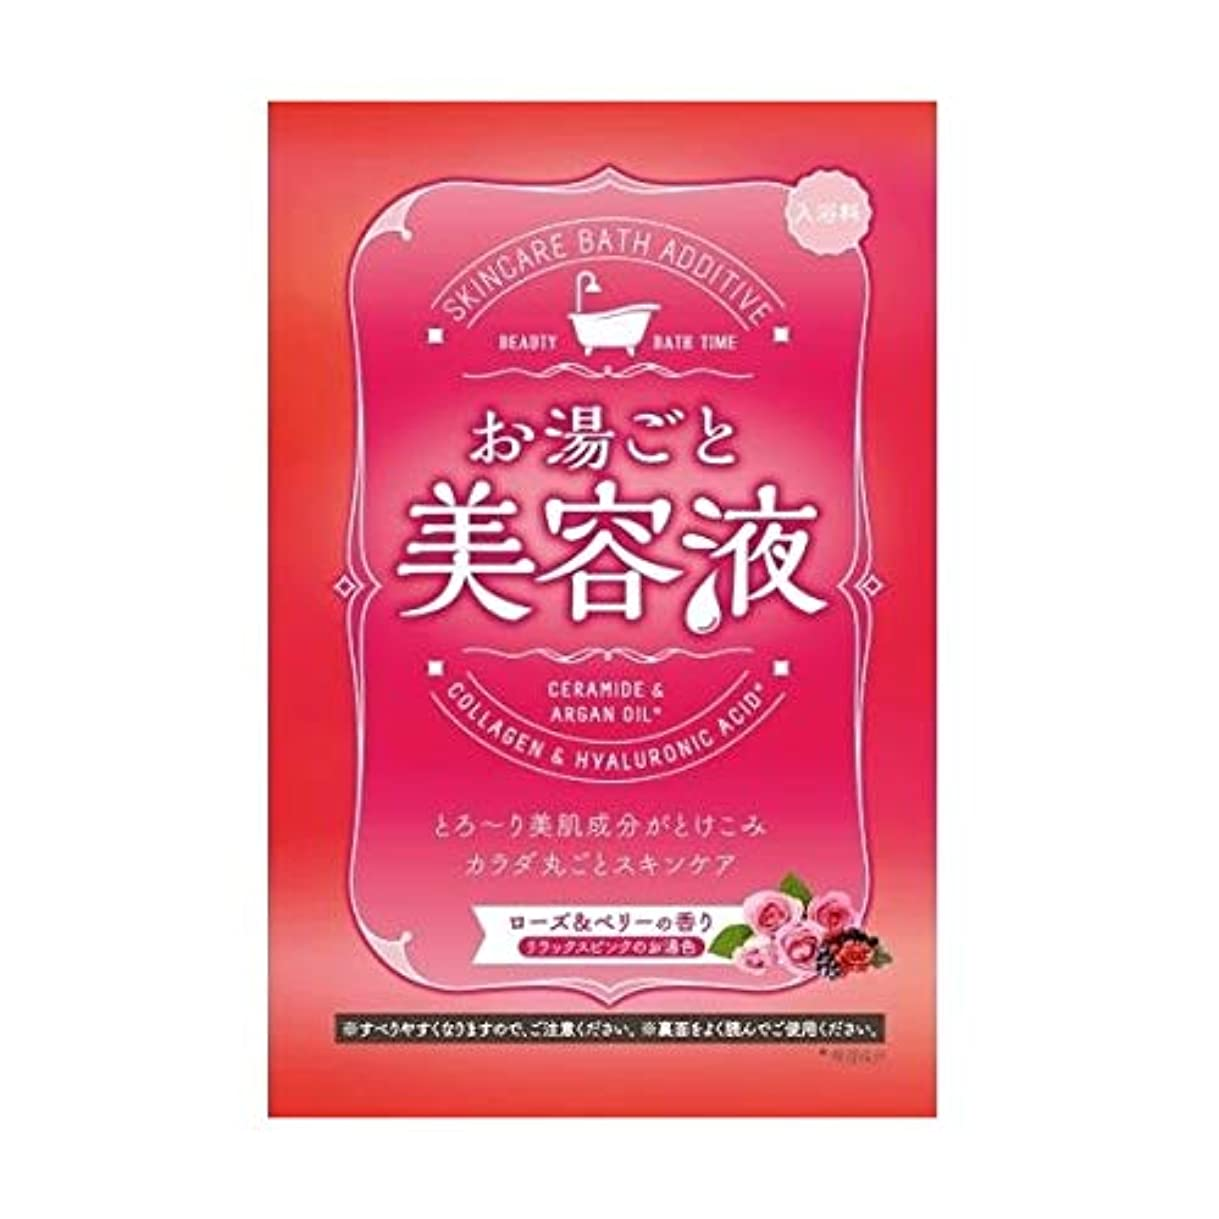 栄養ジョガー真空お湯ごと美容液 ローズ&ベリーの香り 60g